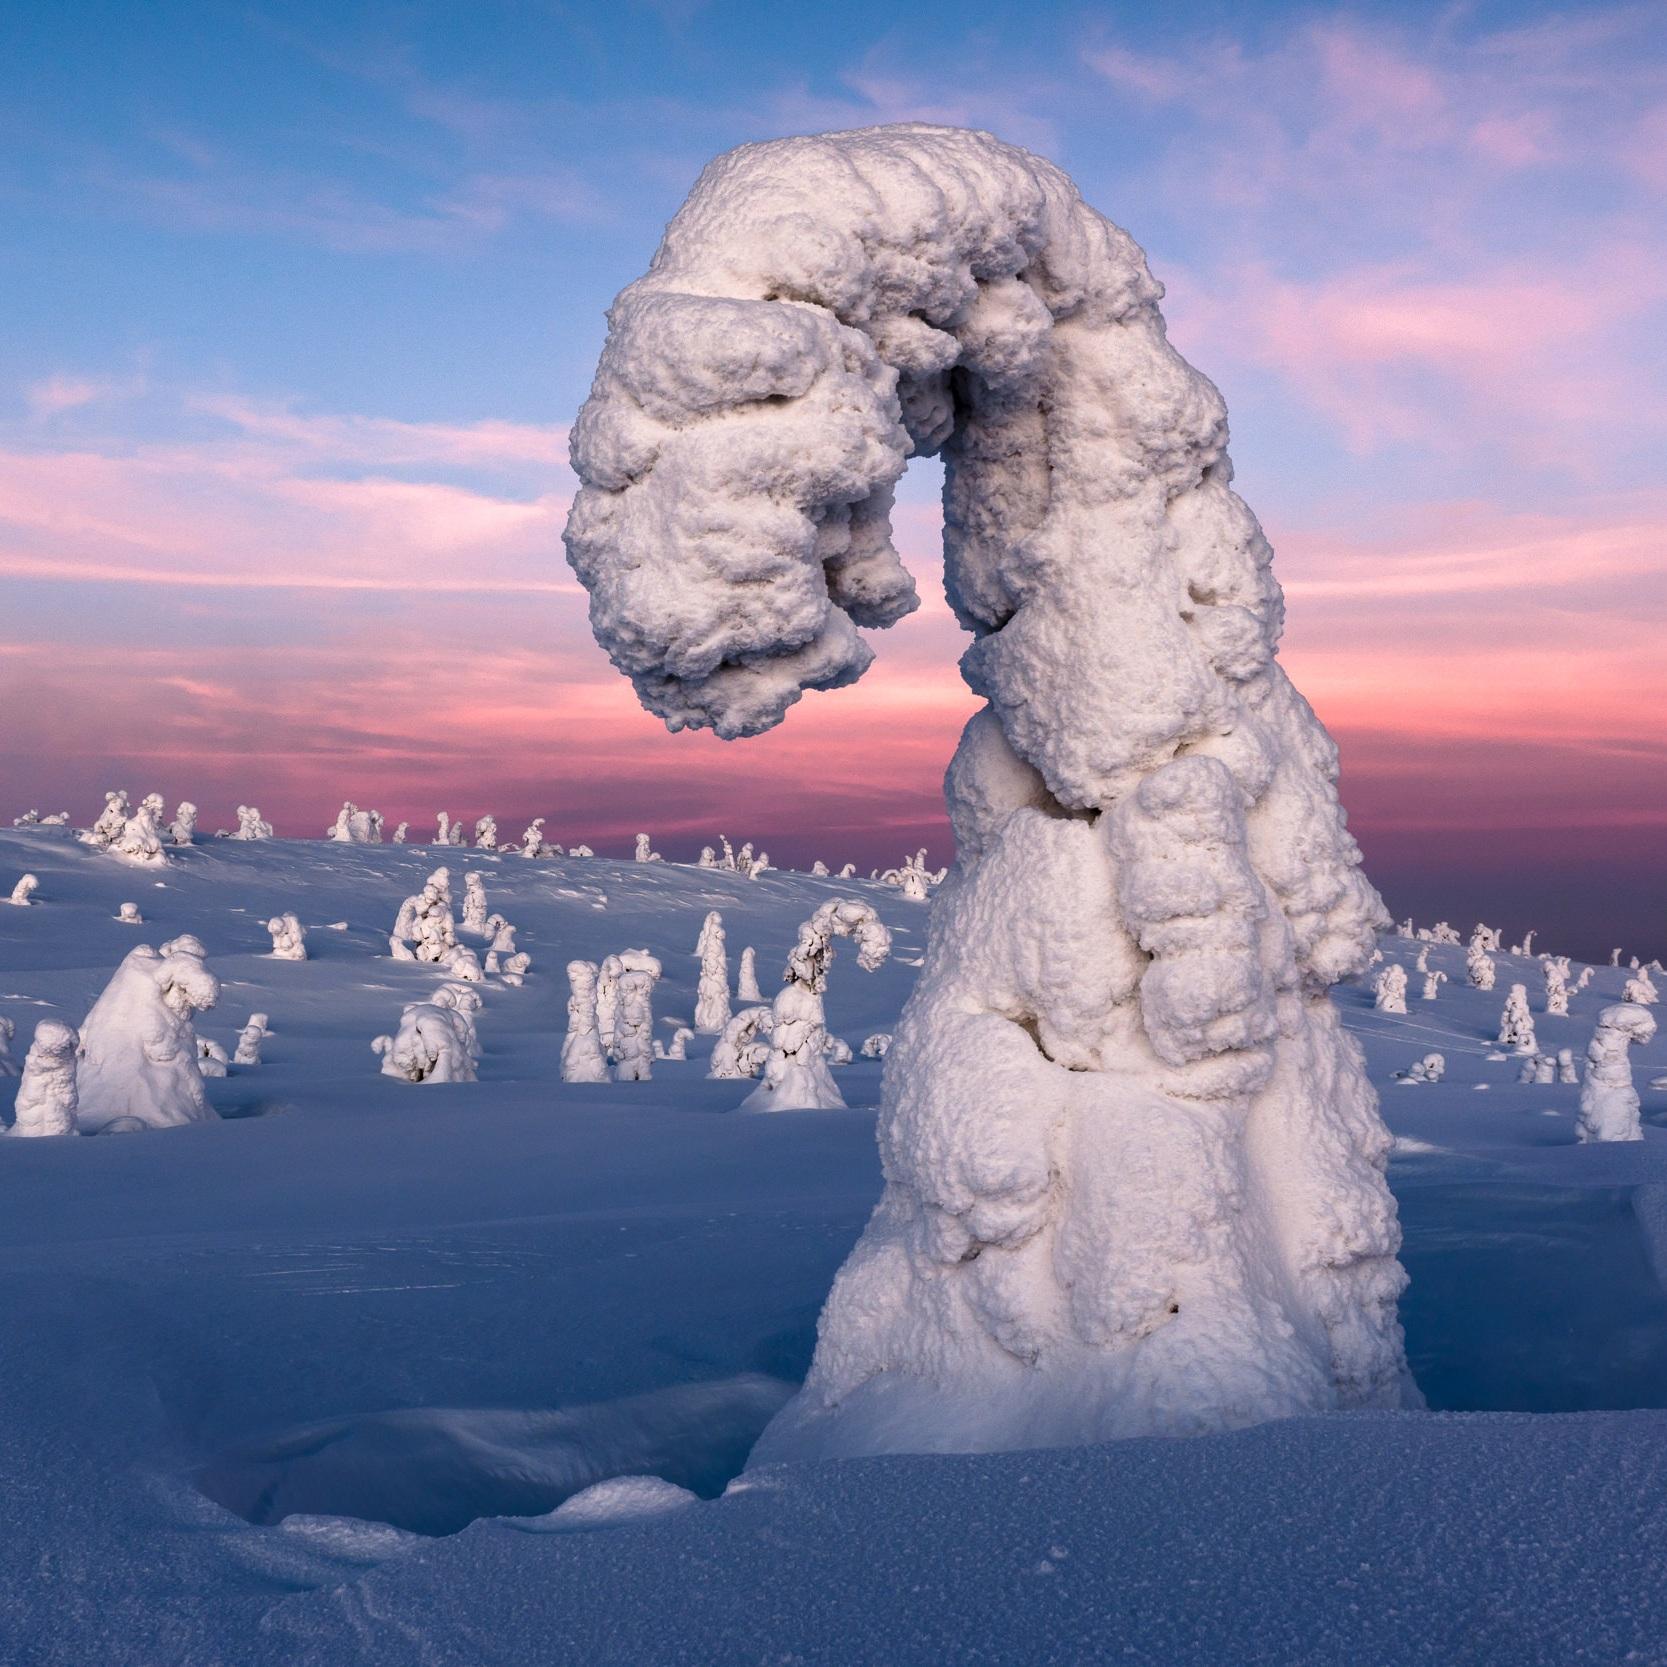 Frozen_dusk_RR_20120209_DSC5350.jpg